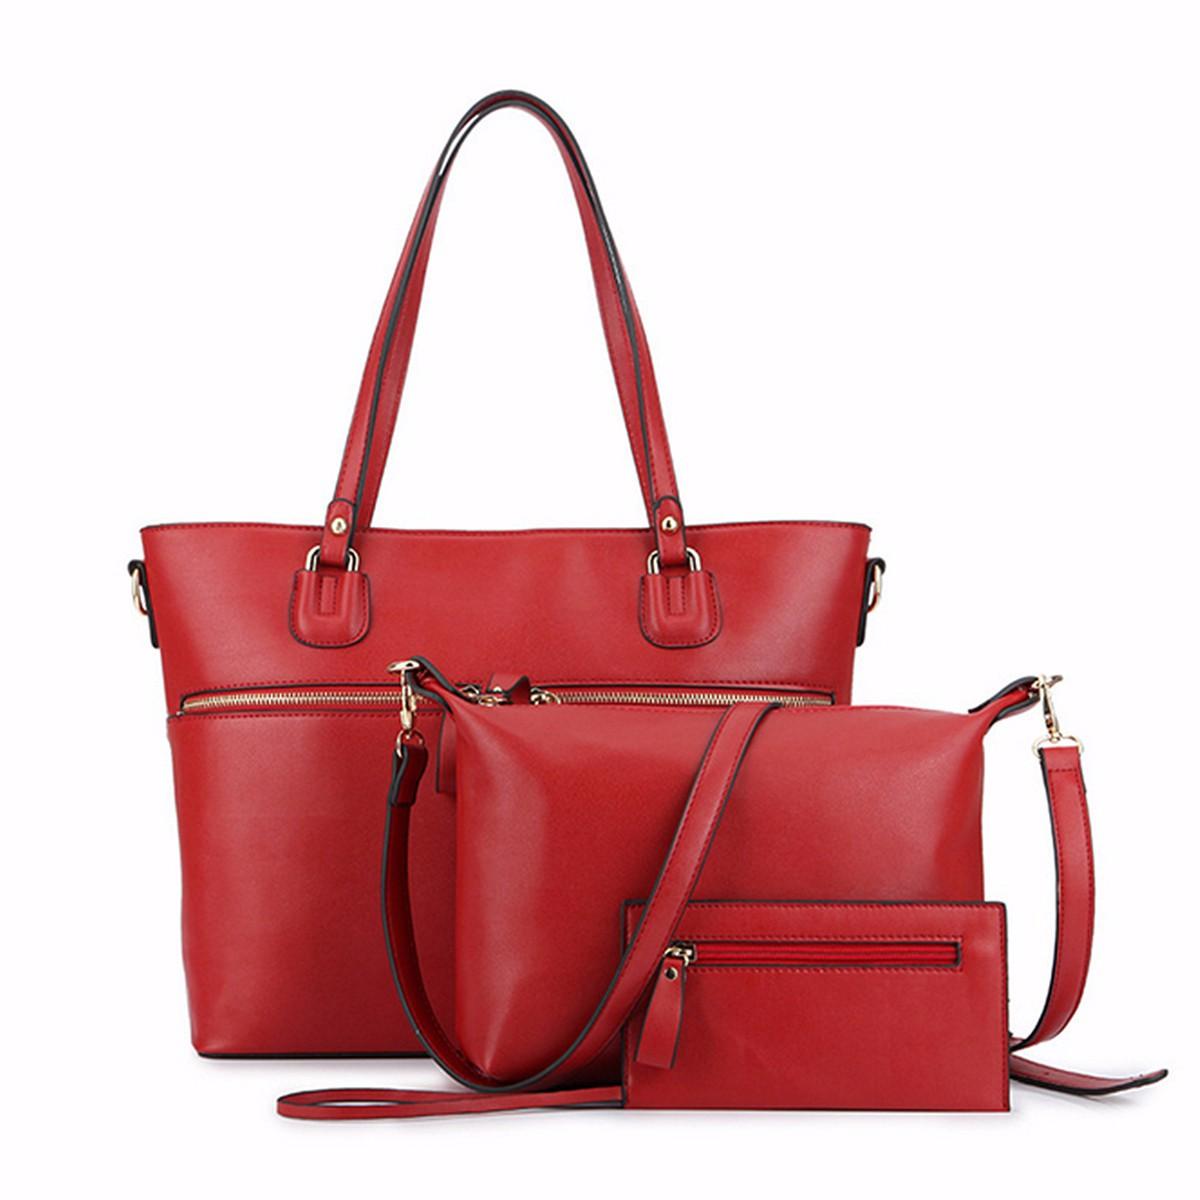 2015 Fashion Brand 3 pcs/Set Women Handbags PU Leather Design Ladies Messenger Shoulder Clutch Bags Elegant Classic 4 Colors<br><br>Aliexpress